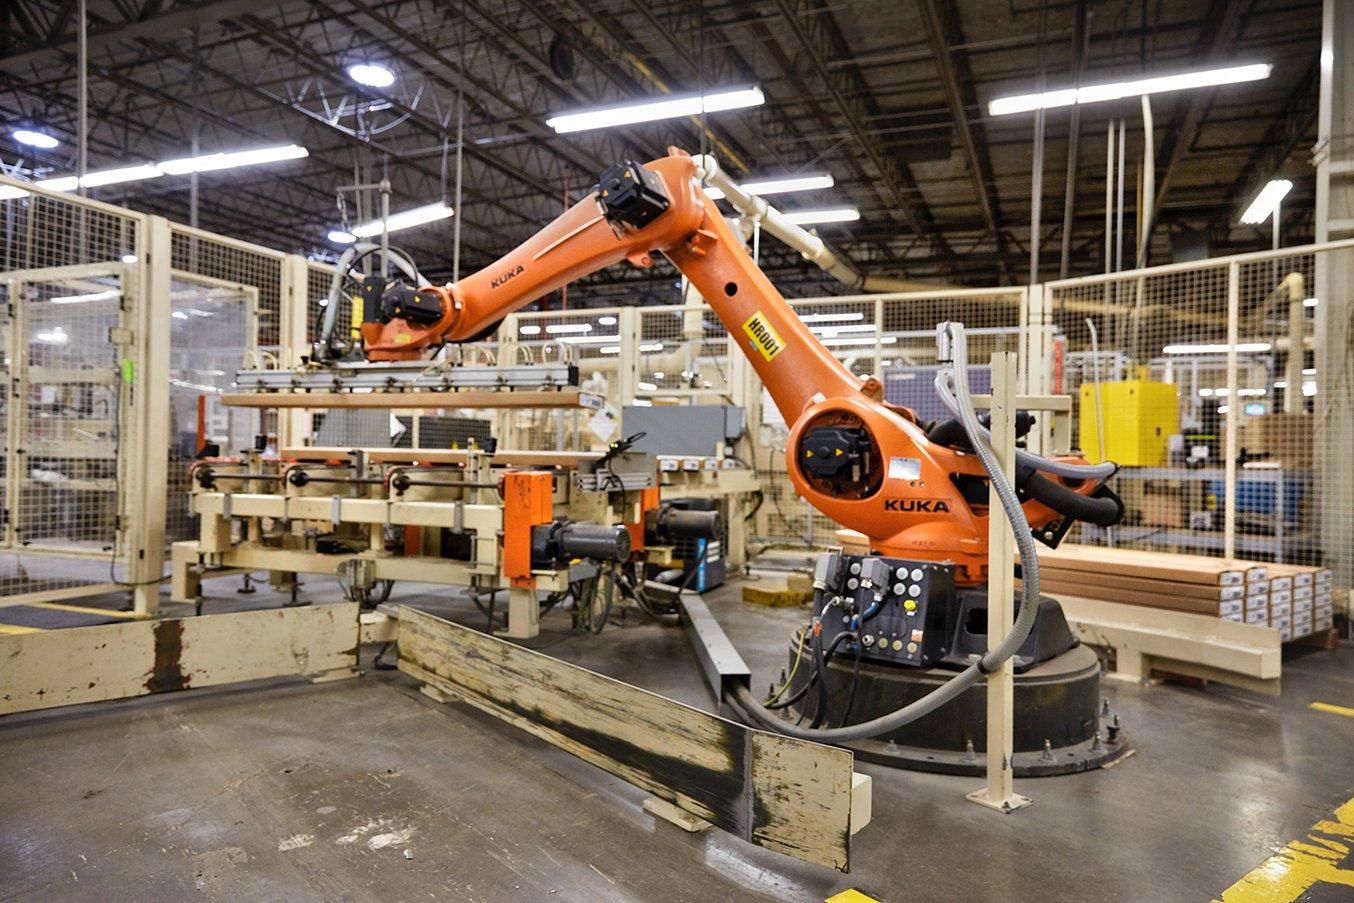 Il primo robot di Ashley Furniture, un pallettizzatore, impila perfettamente 200 casse all'ora.